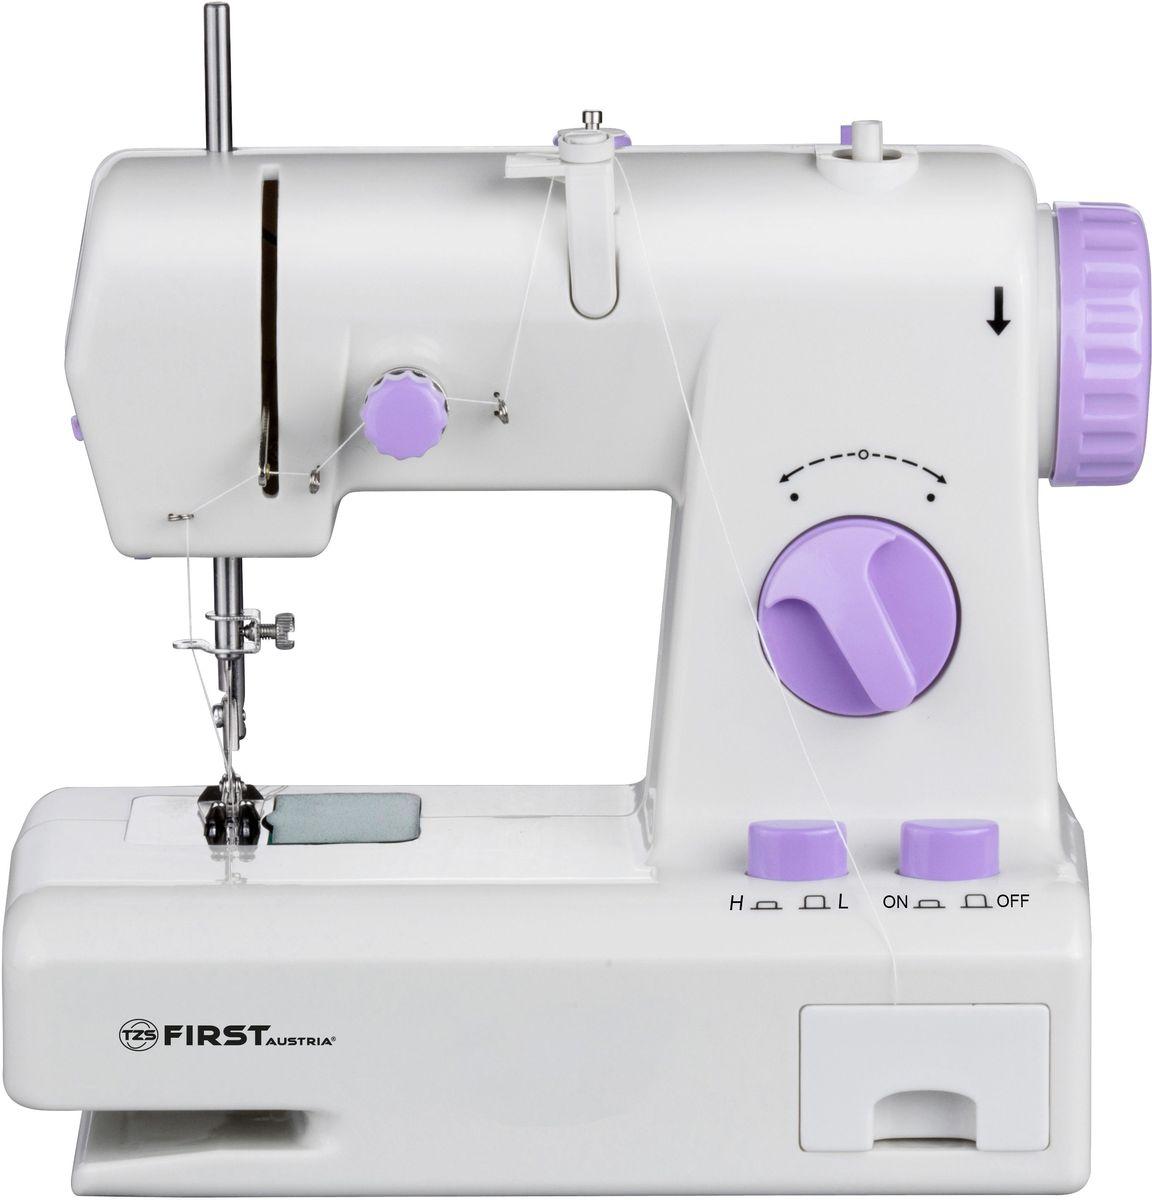 First FA-5700-1, Purple швейная машинаFA-5700-1 PurpleШвейная машинка FIRST 5700-1 Электропитание : DC 6В, 800 мА/ от 4 батареи АА Purple